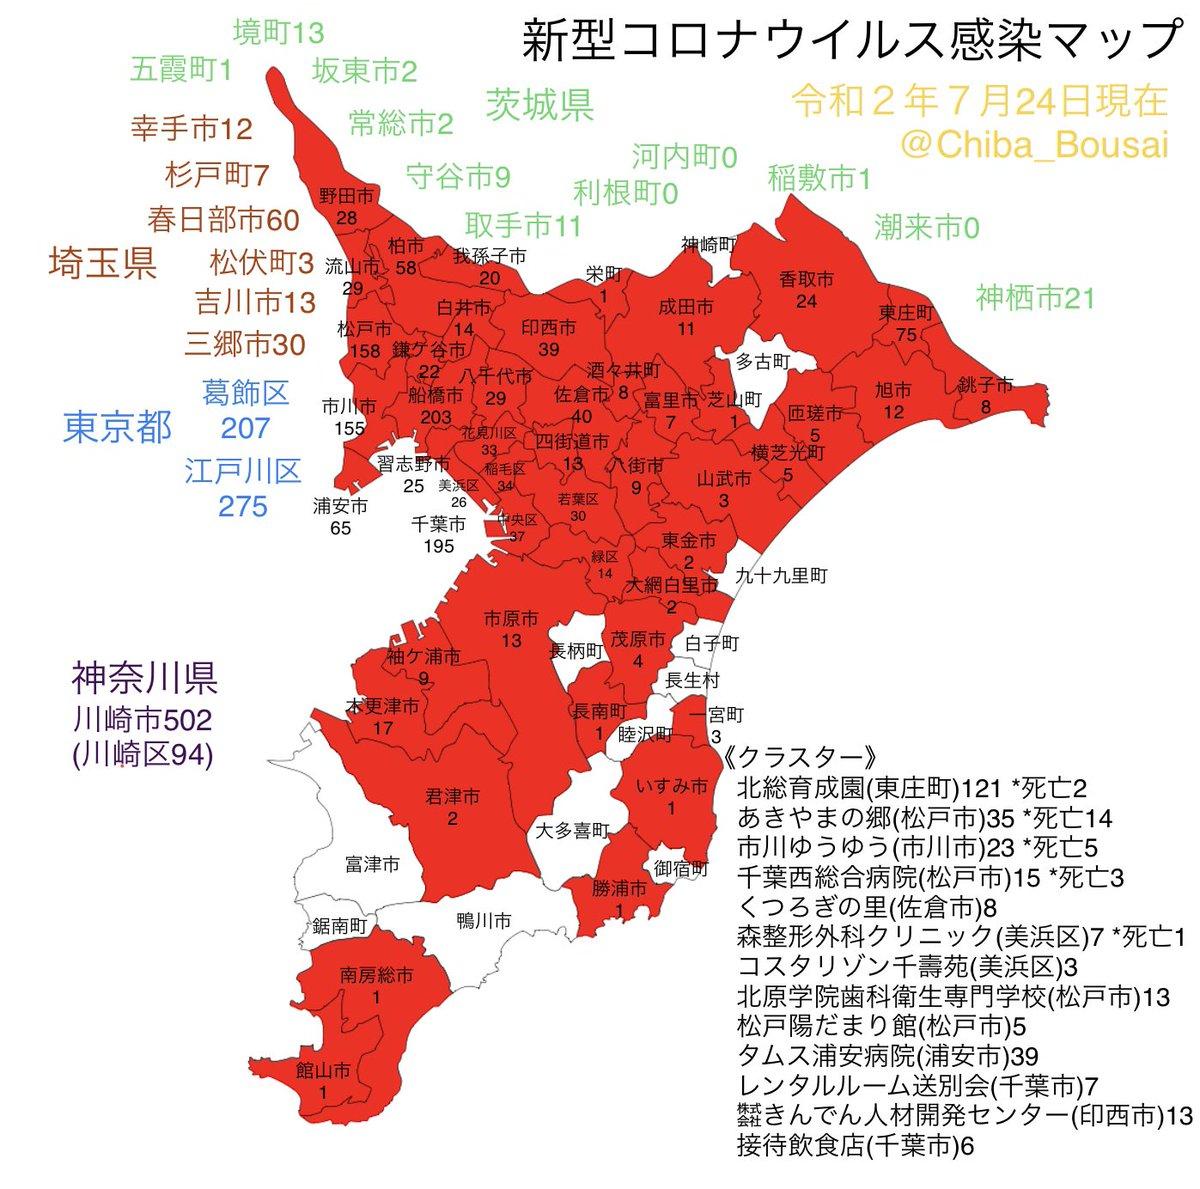 市 コロナ 感染 状況 佐倉